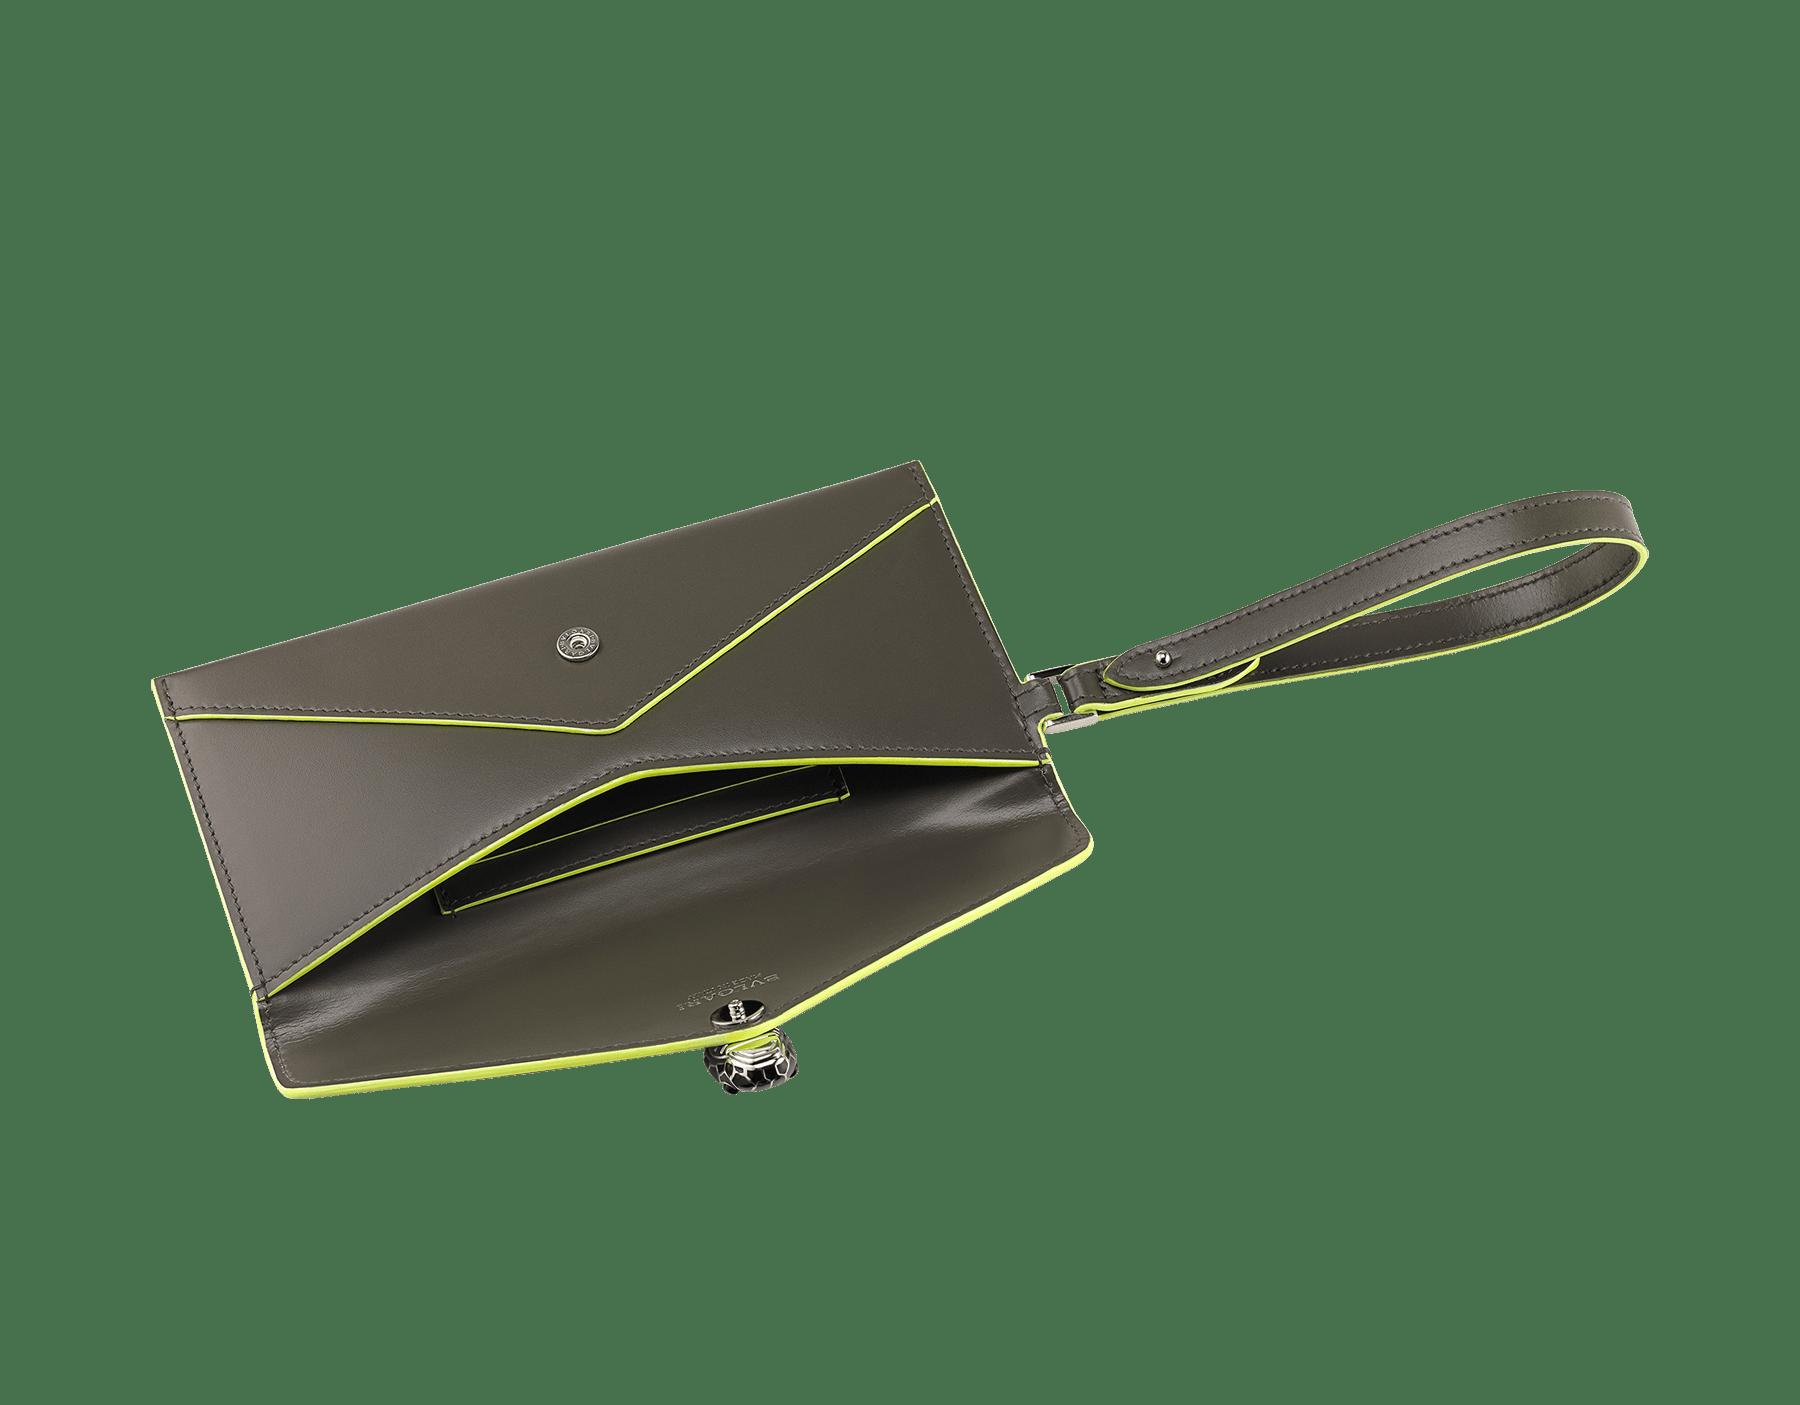 BVLGARI x FRAGMENT by Hiroshi Fujiwara 「セルペンティ フォーエバー」エンベロープケース。 ホークアイと蛍光イエローのスムースカーフレザー製。FRAGMENTの稲妻デザインを加えた、シャイニーなパラジウム プレート ブラス製のアイコニックなスネークヘッドスタッドクロージャー。ブラックと蛍光イエローのエナメルにブラックオニキスの目。 289530 image 2